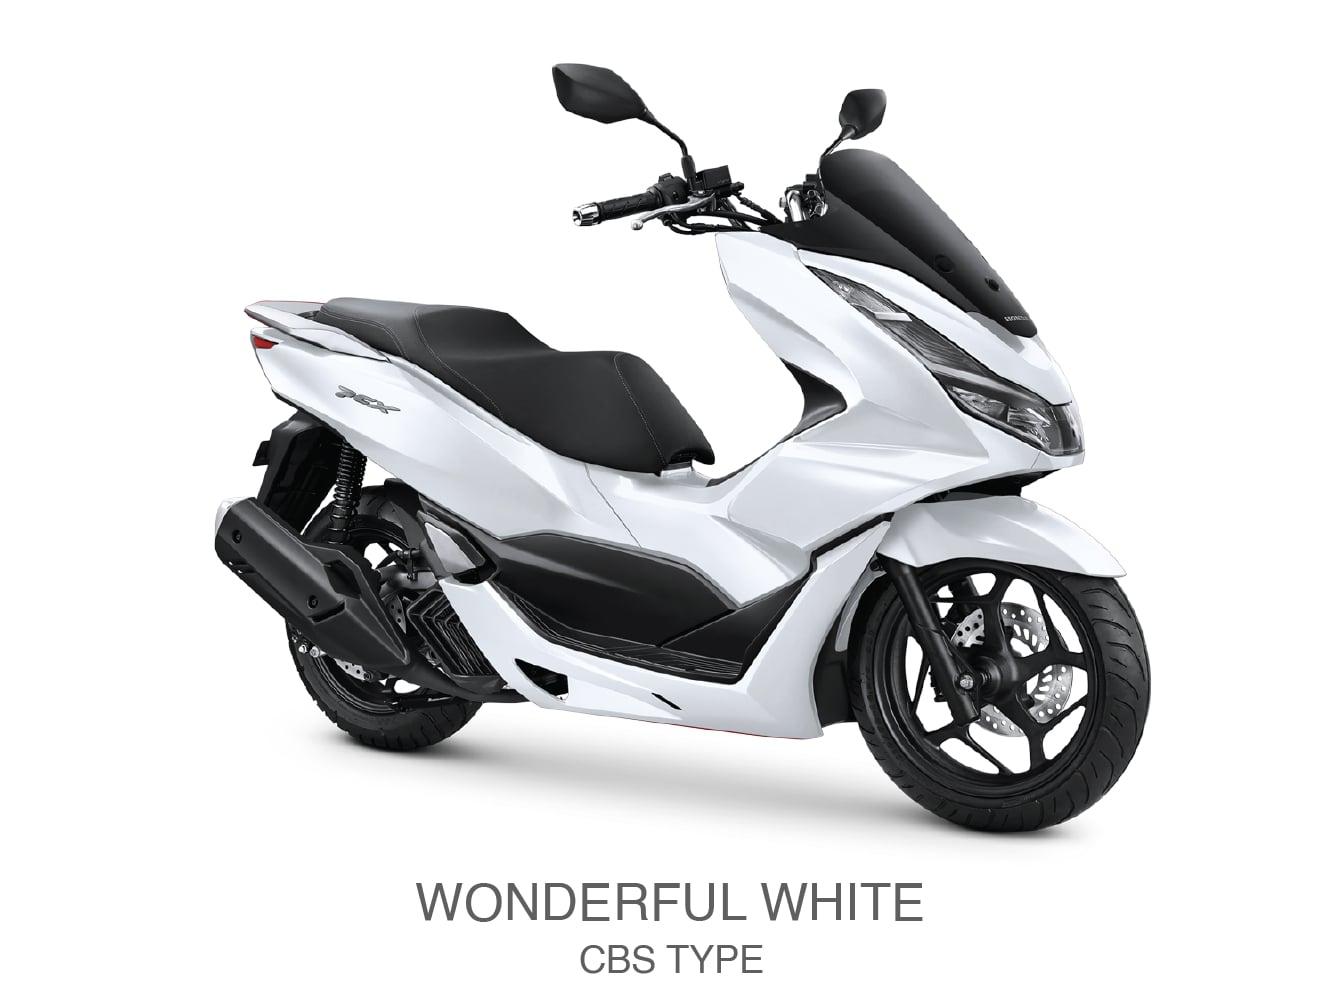 2021 Honda PCX 160 nhập khẩu CBS